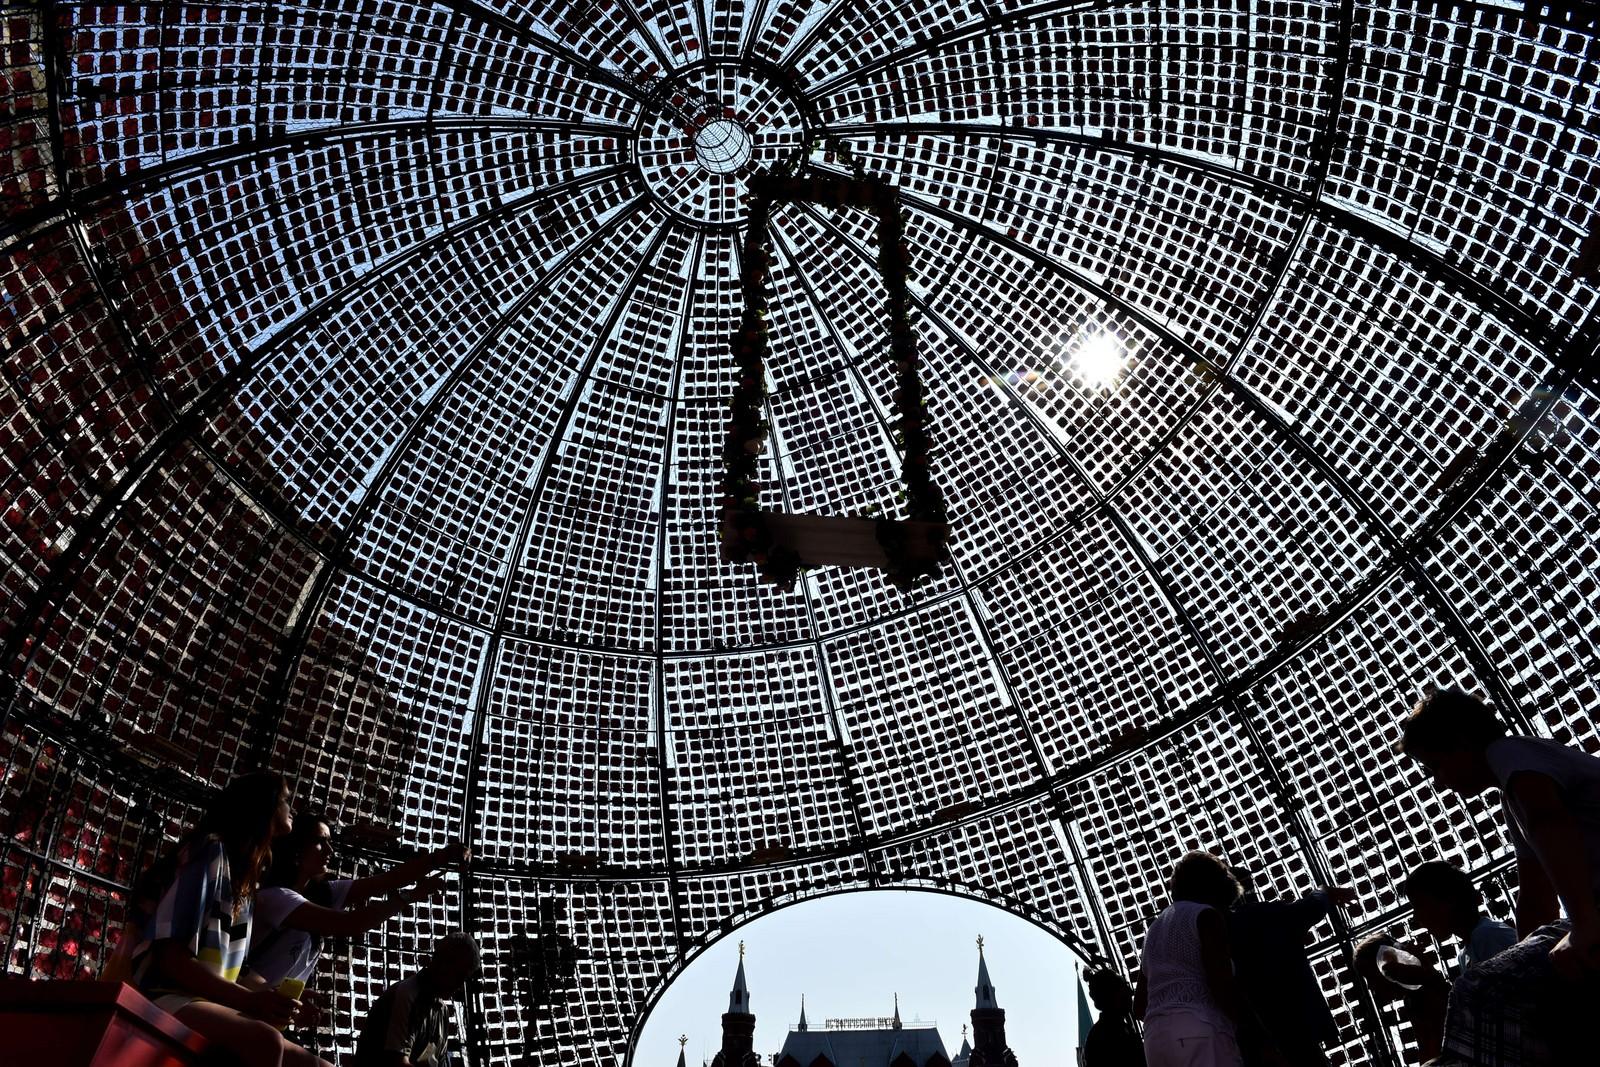 Denne 11 meter høye installasjonen skal forestille en vannmelon, og er en del av syltetøy-festivalen i Moskva.